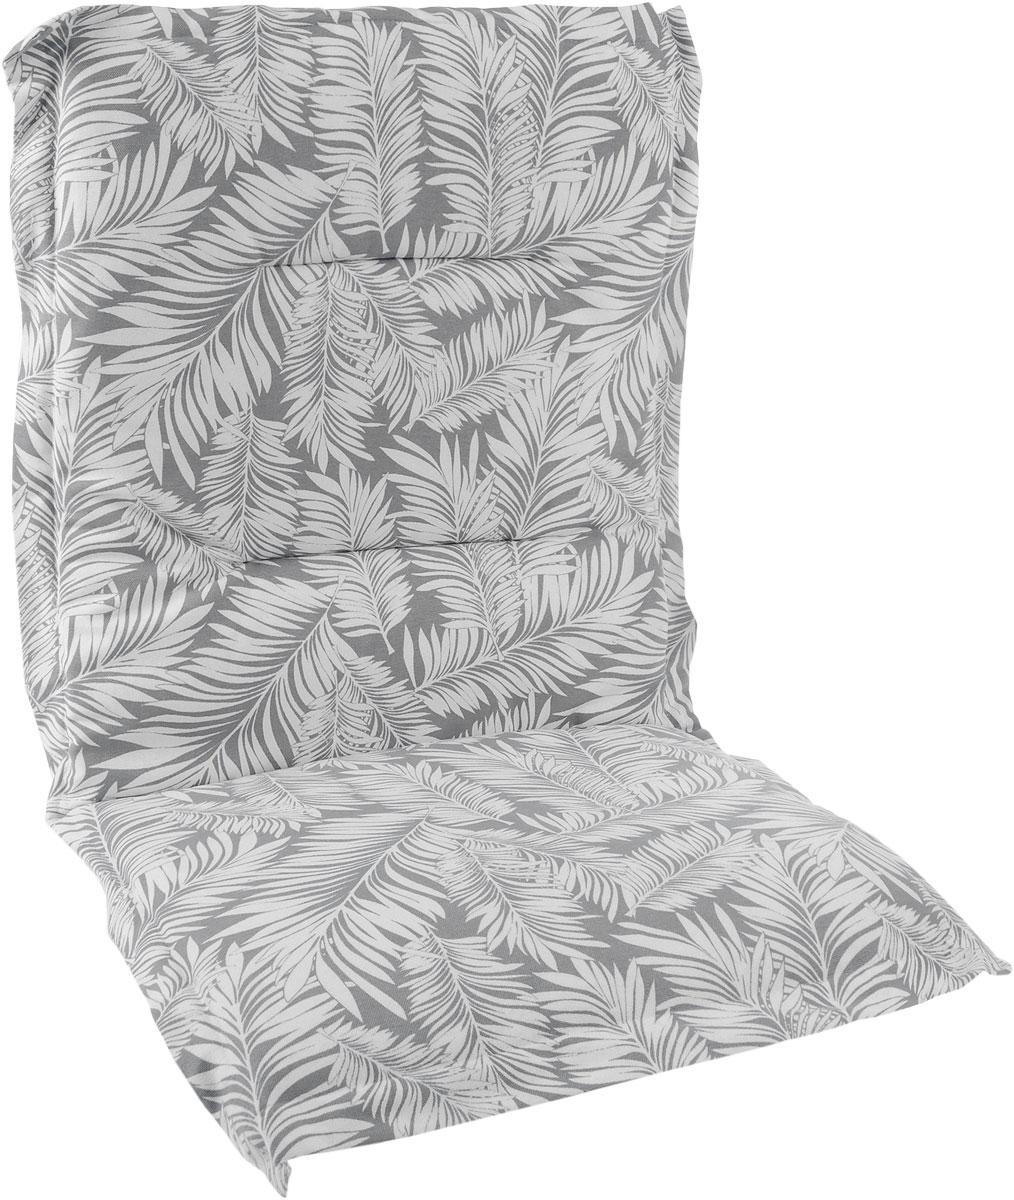 Подушка на стул KauffOrt Пальма, со спинкой, 50 х 100 см3125082100Подушка на стул KauffOrt Пальма не только красиводополнит интерьер кухни, но и обеспечит комфорт присидении. Чехол выполнен из поликоттона (хлопок и полиэстер)и украшен принтом. Внутри - мягкий наполнительиз поролона. Подушка легко крепится на стул с помощьюзавязок и резинки.Правильно сидеть - значит сохранить здоровье на долгие годы.Жесткие сидения подвергают наше здоровье опасности.Подушка с мягким наполнителем поможет предотвратитьмногие беды, которыми грозит сидячий образ жизни.